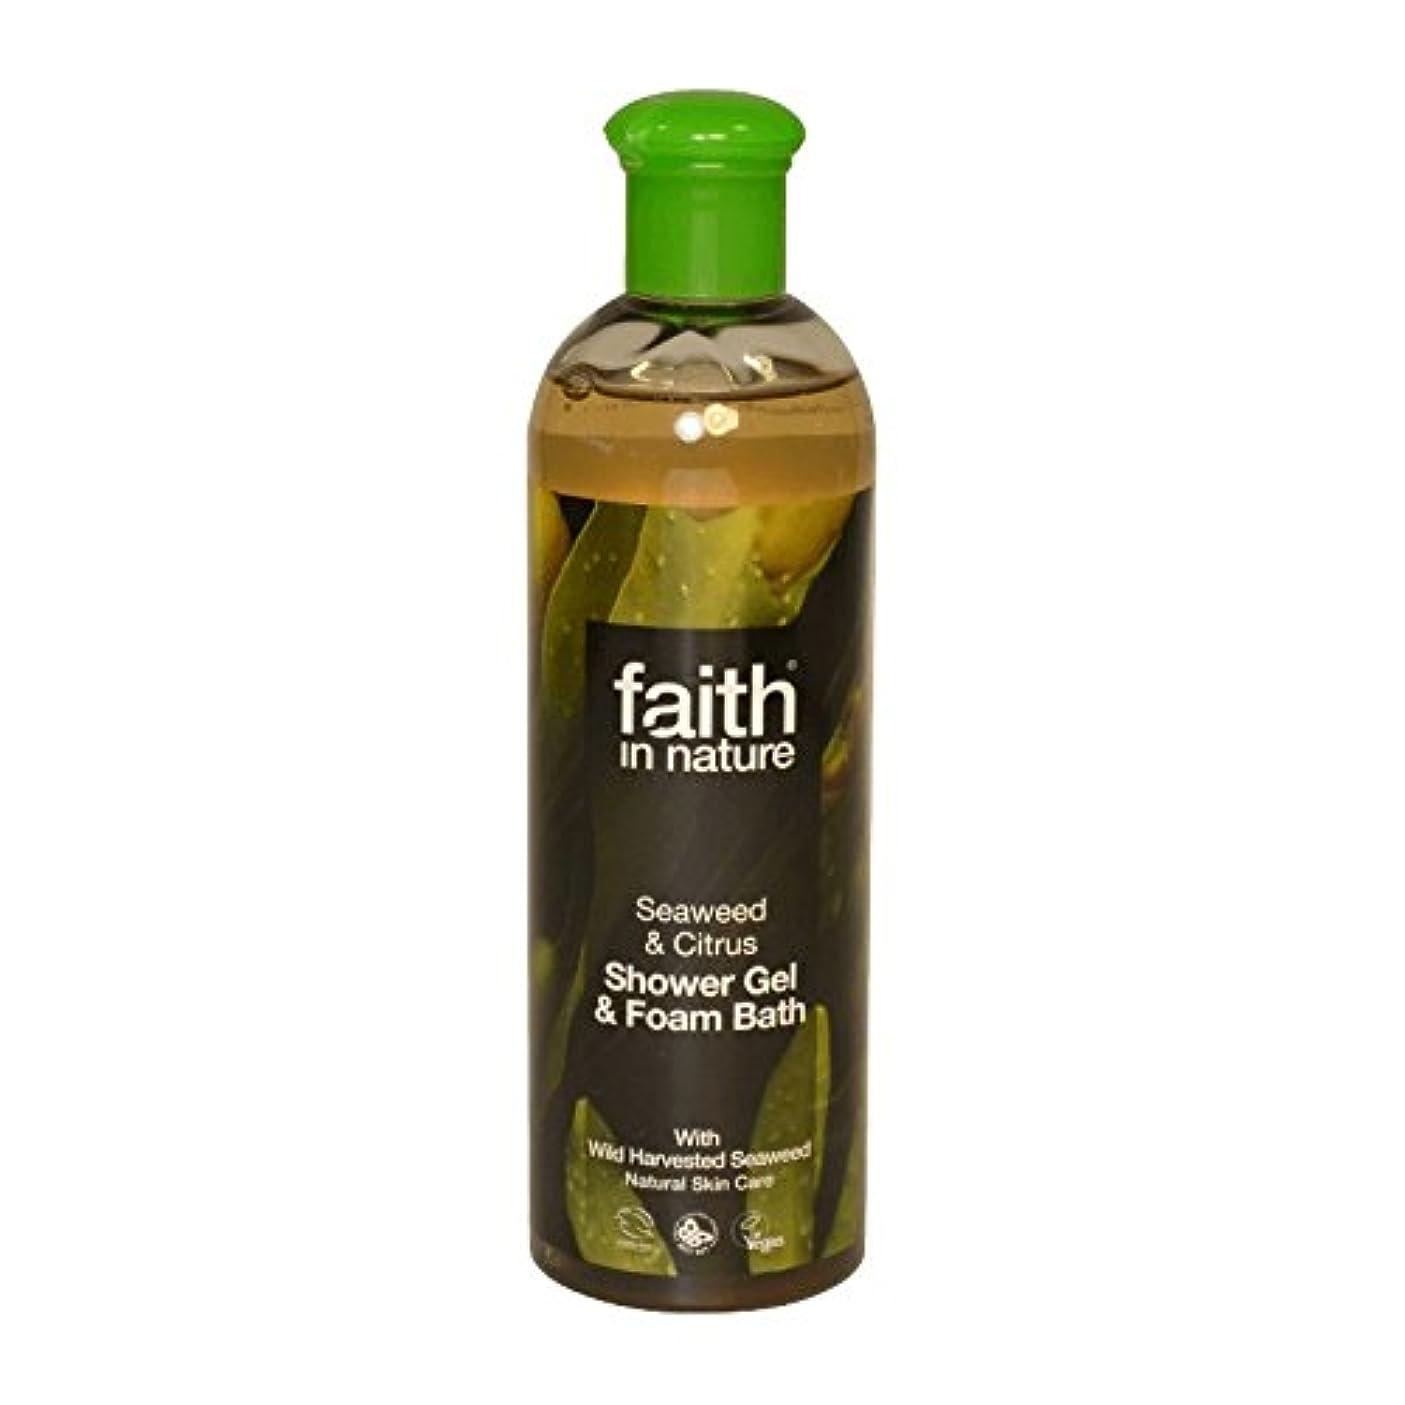 溶かす息子磁気自然の海藻&シトラスシャワージェル&バス泡400ミリリットルの信仰 - Faith in Nature Seaweed & Citrus Shower Gel & Bath Foam 400ml (Faith in Nature...